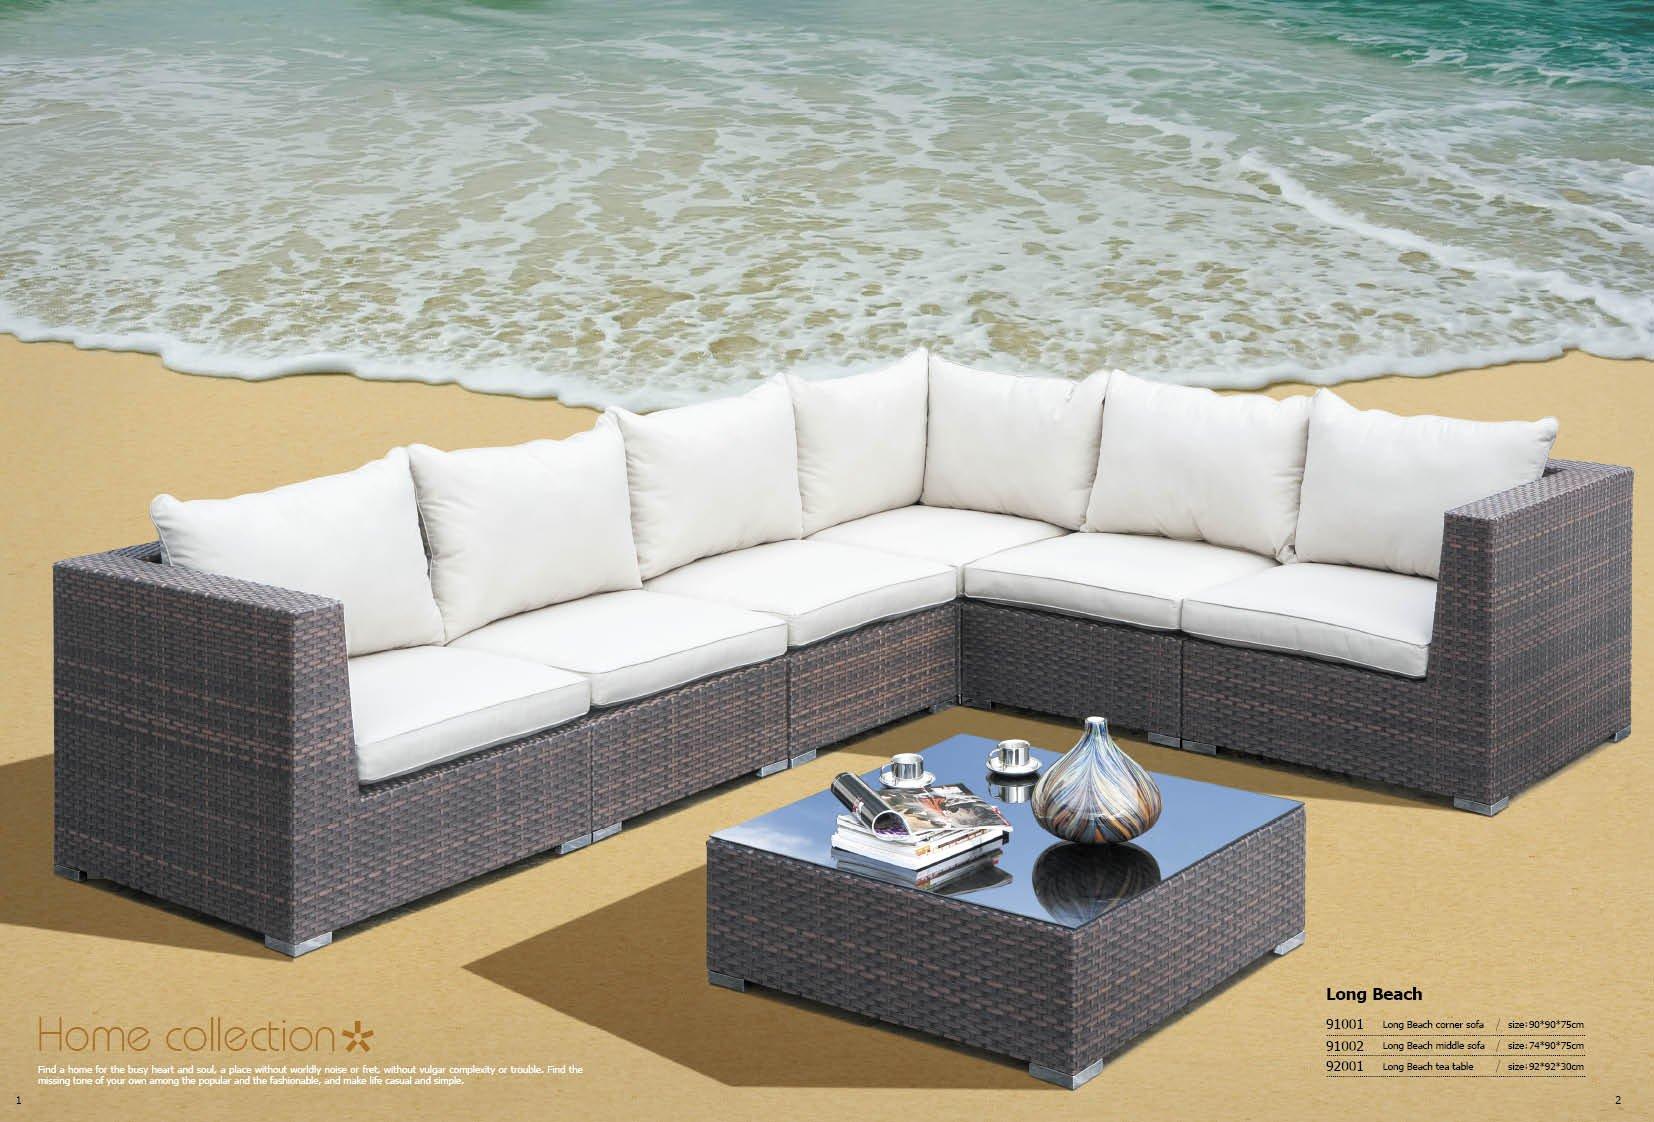 Gartenmöbel Couch Polyrattan sofa preisvergleich billiger Gartenm%c